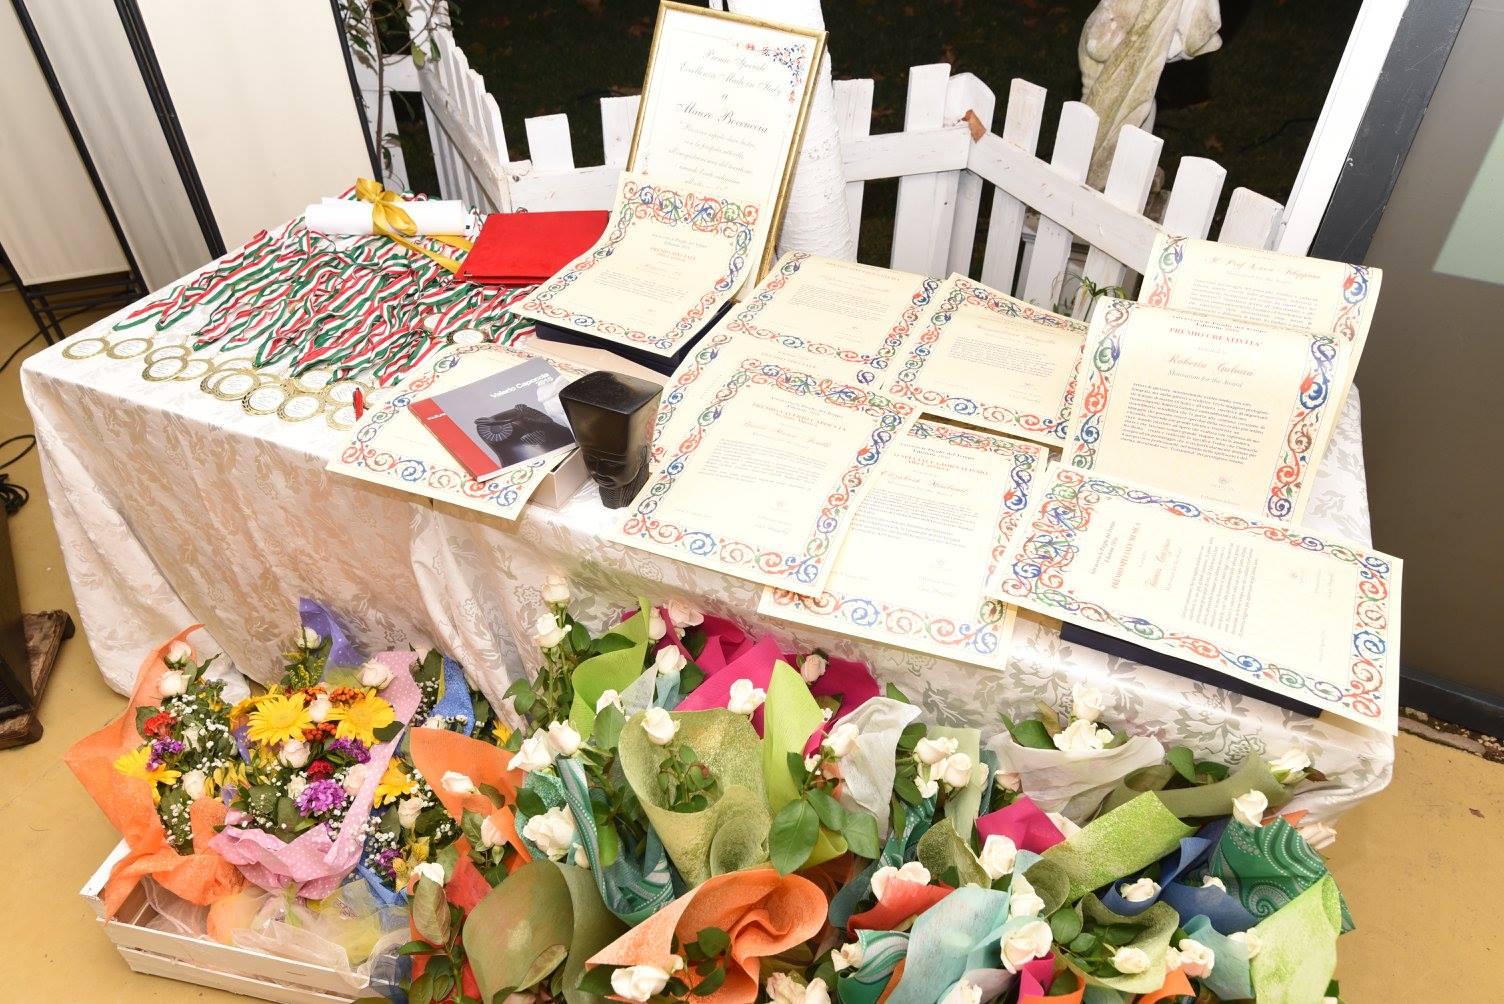 Il tavolo dei premi della serata